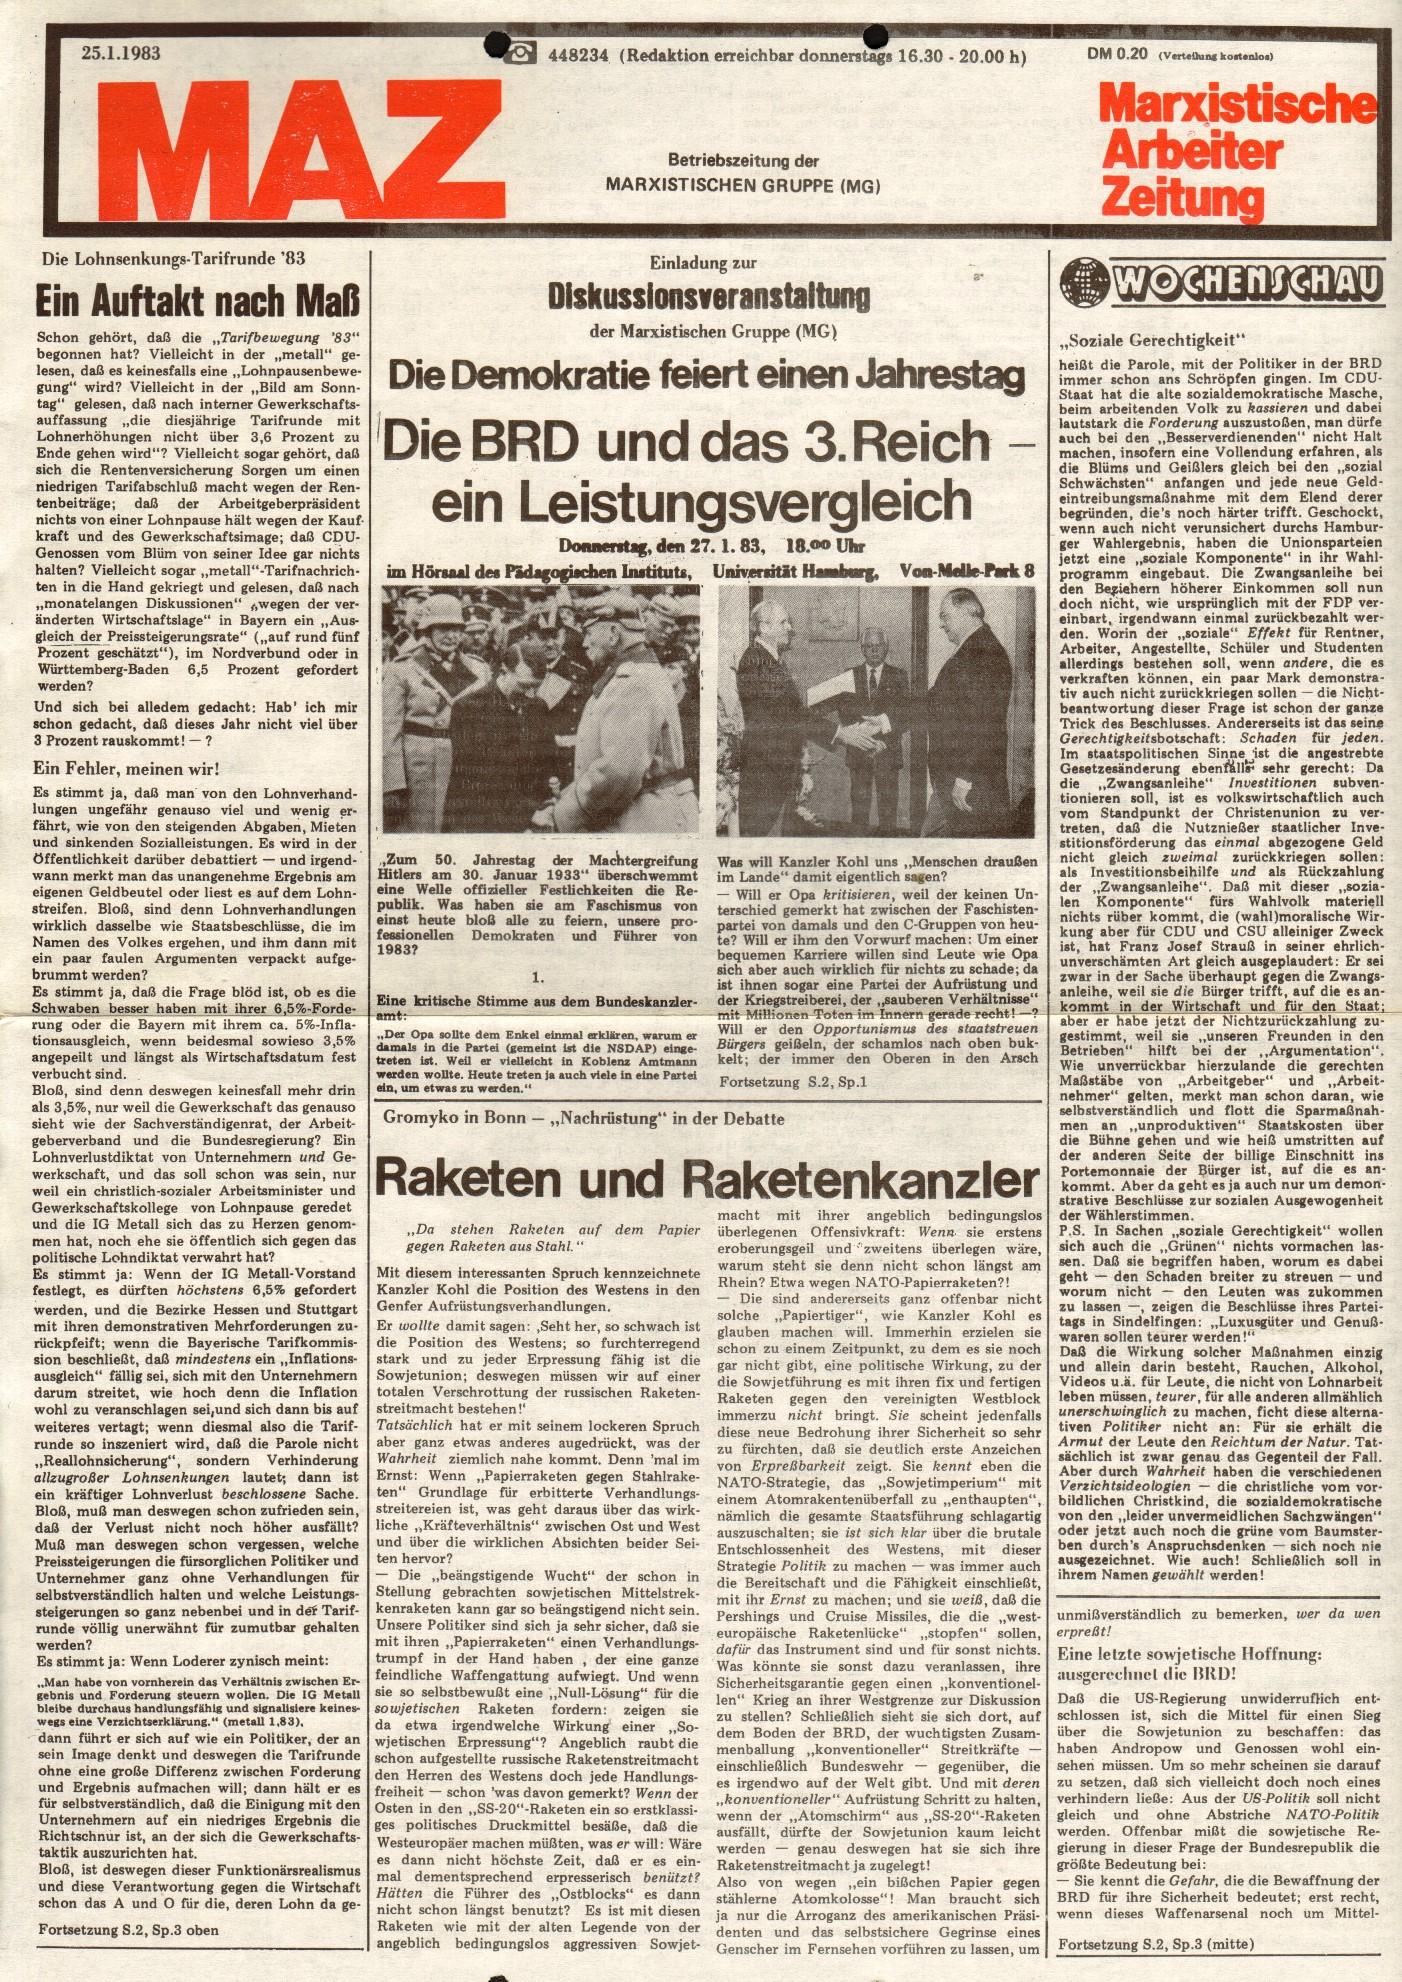 Hamburg_MG_MAZ_19830125_01